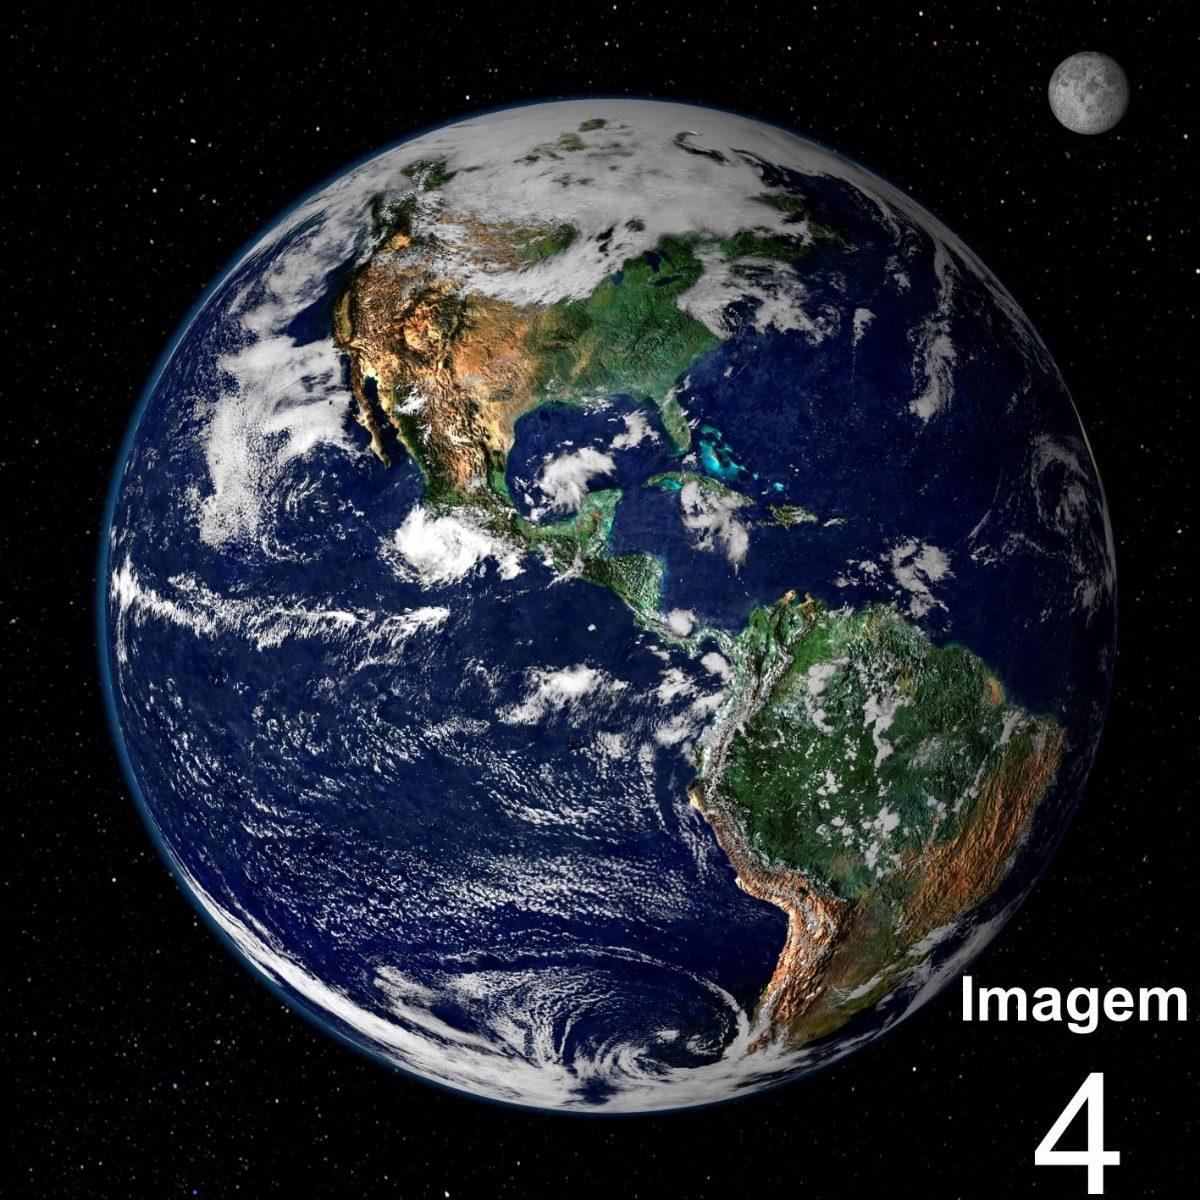 Papel De Parede Adesivo Universo Terra Espa O 4m 2 0 X 2 0 R 140  -> Imagens Do Universo Para Papel De Parede